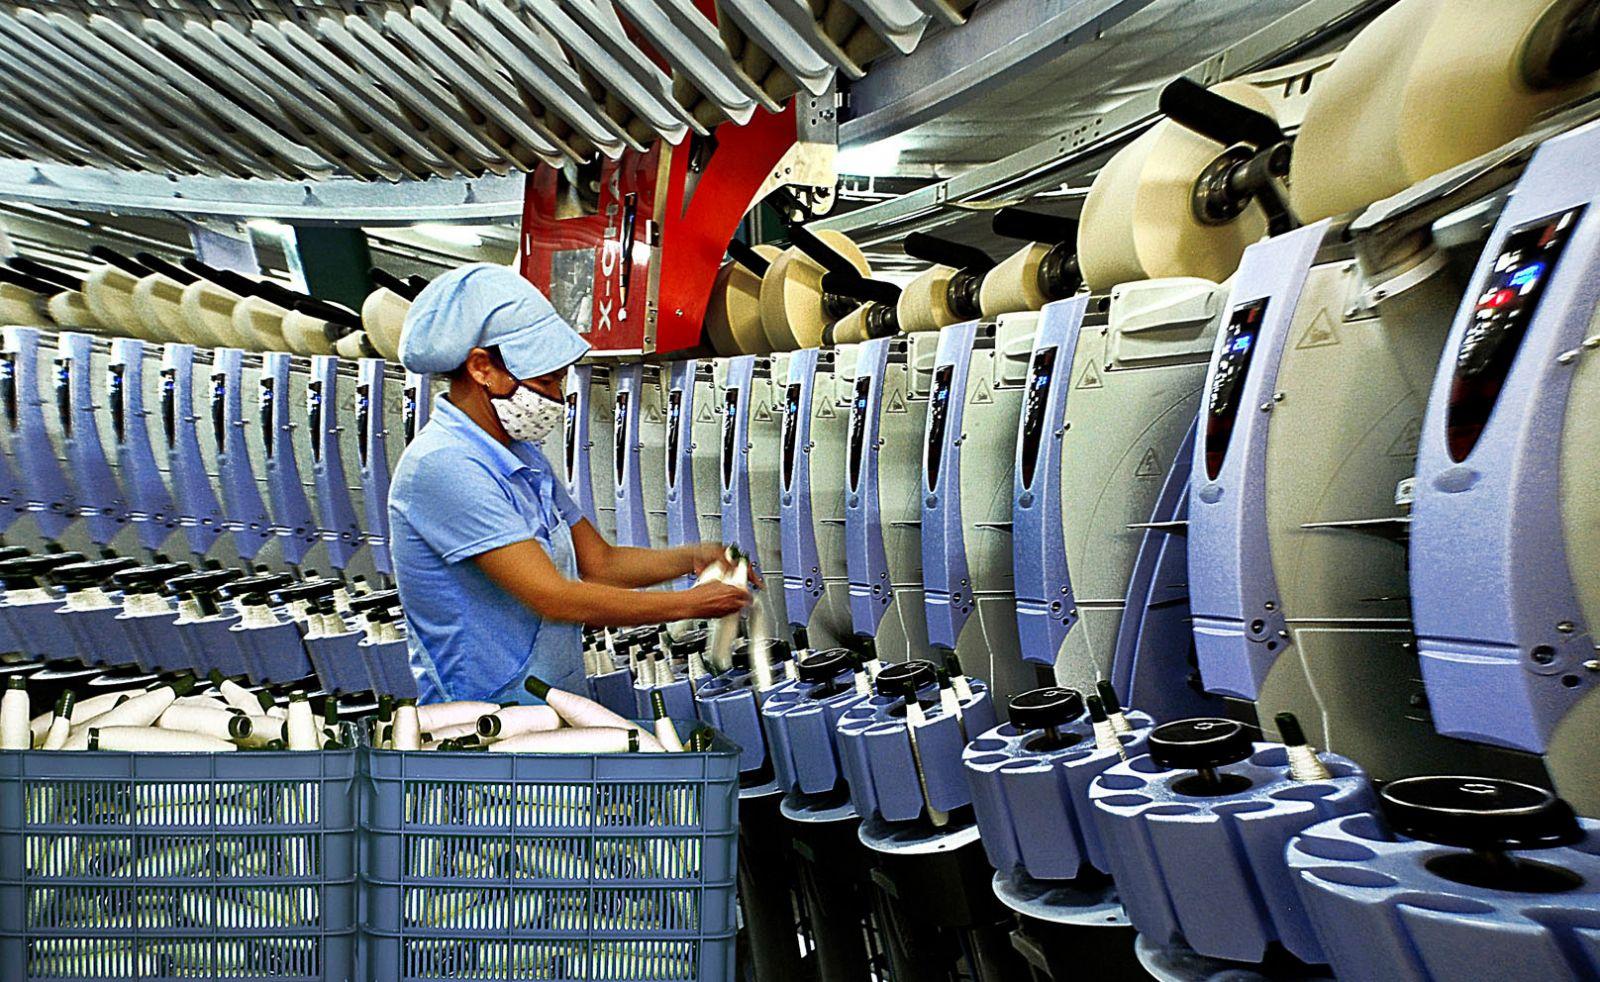 Phát triển công nghiệp, góp phần đưa tốc độ tăng trưởng kinh tế của tỉnh đạt 9,53% trong năm 2017 (Ảnh: Hữu Lý)